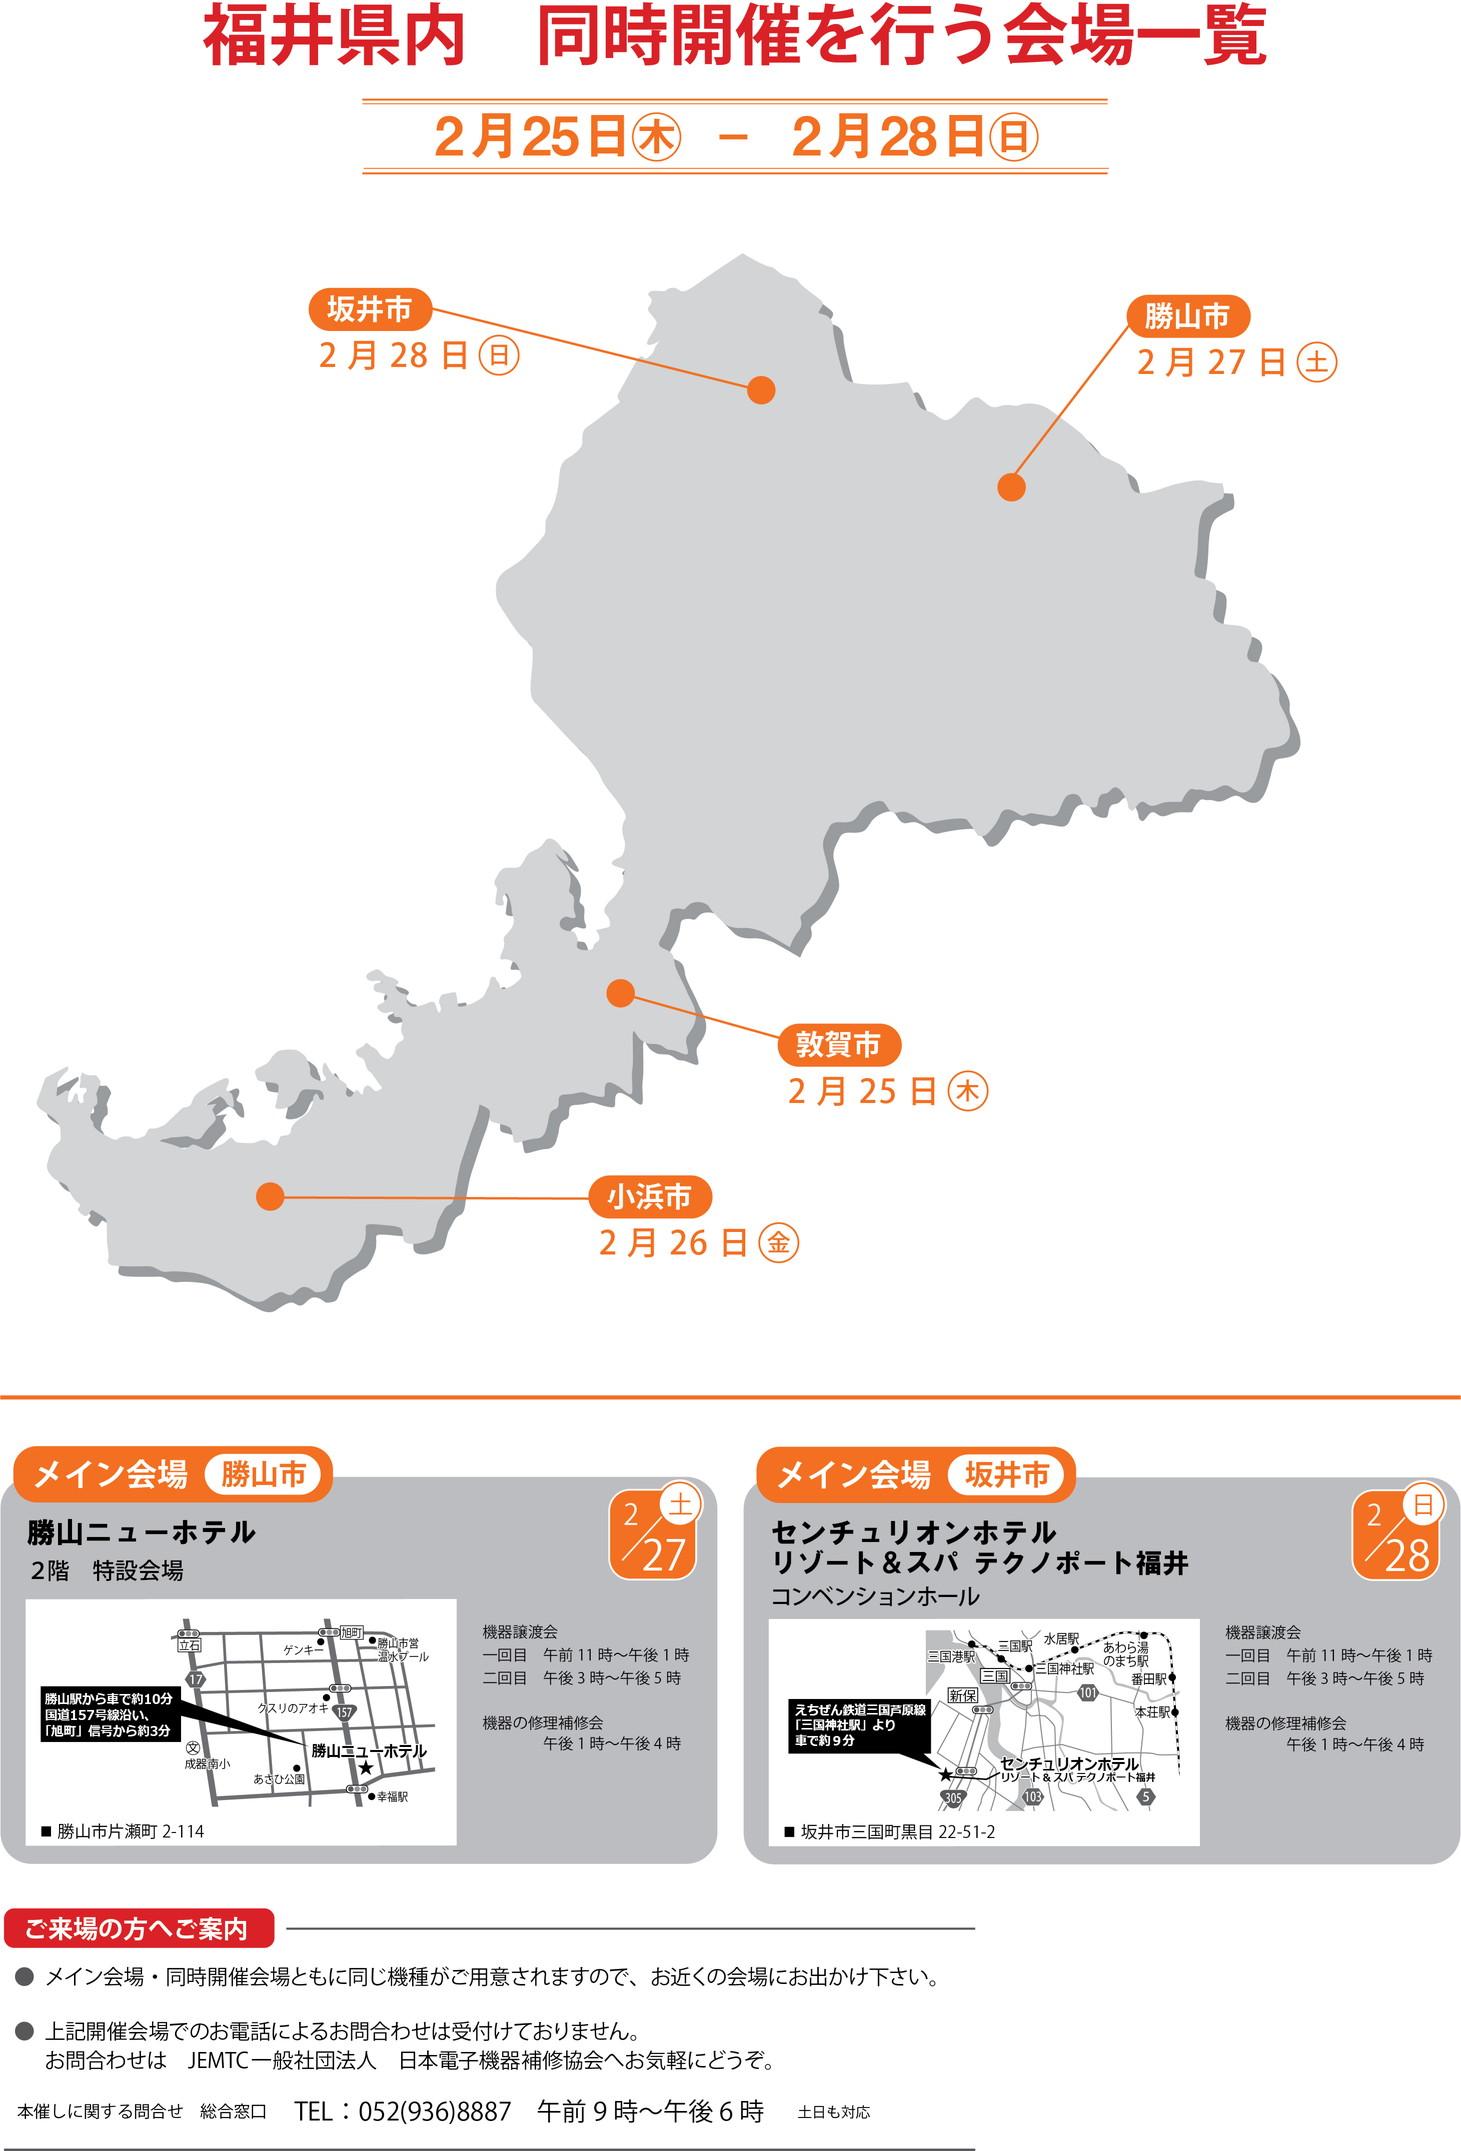 ジェムテクノートパソコン有償譲渡会in福井_他開催会場